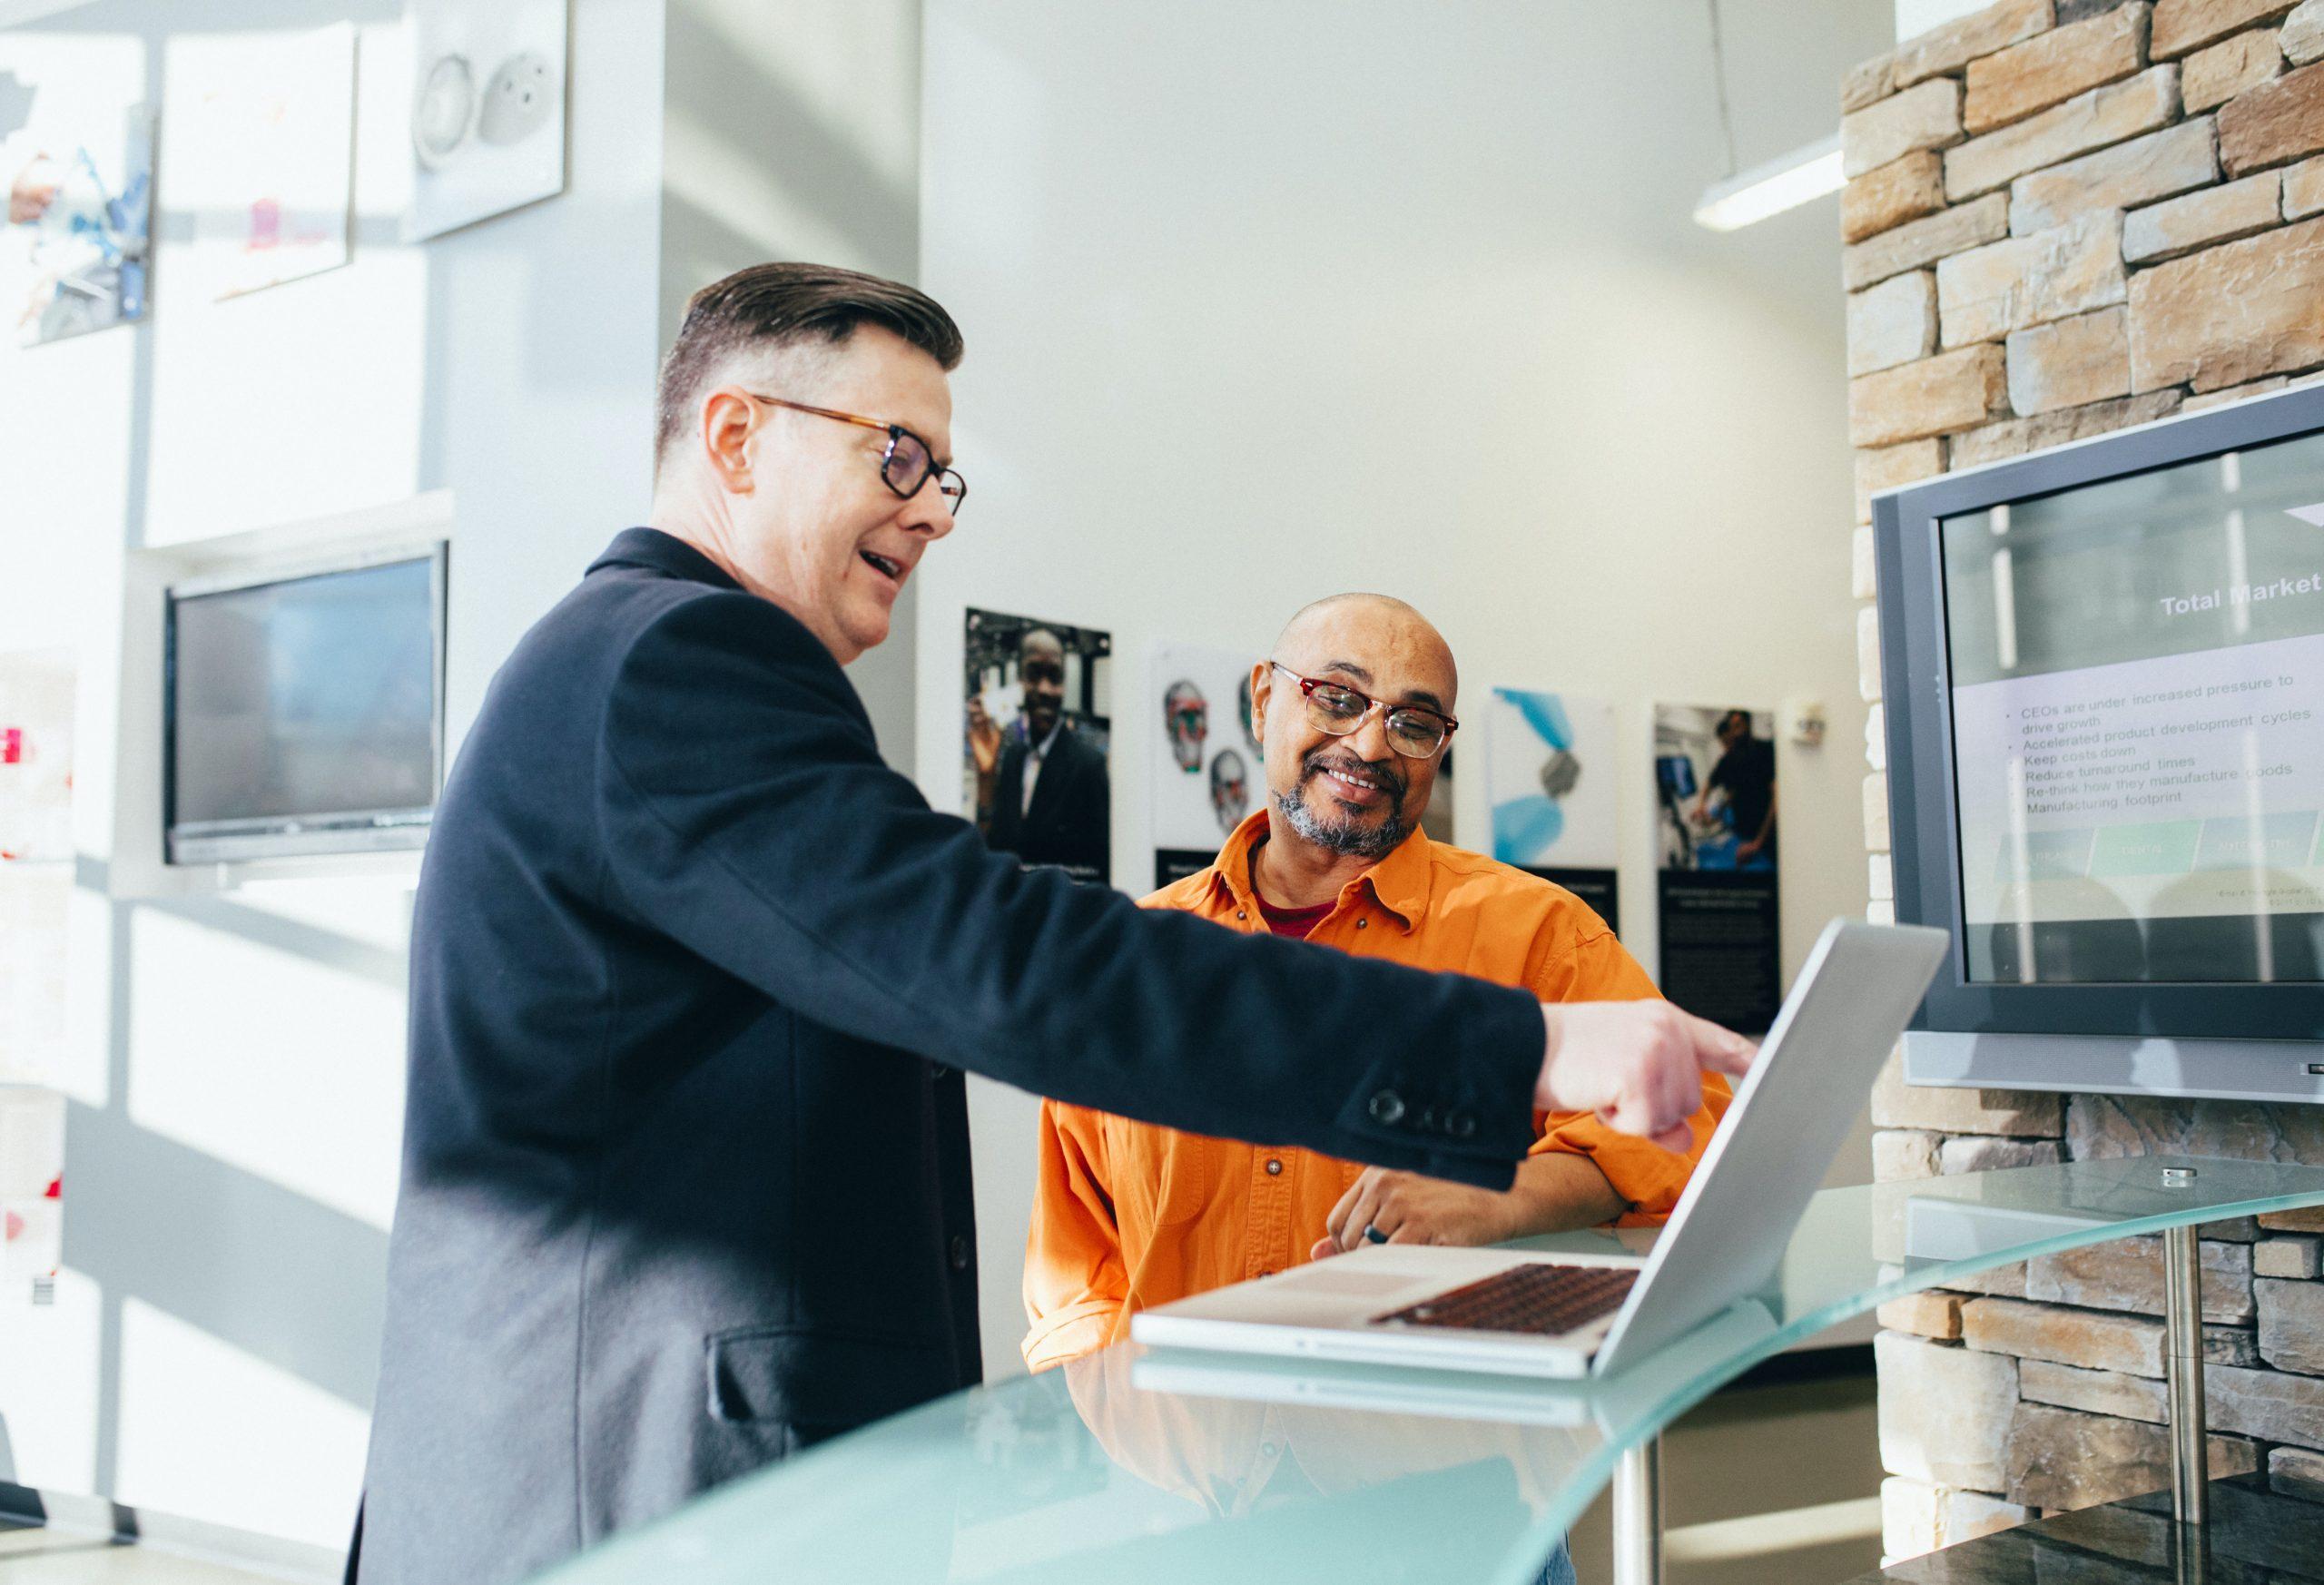 Dos personas mirando un ordenador portátil